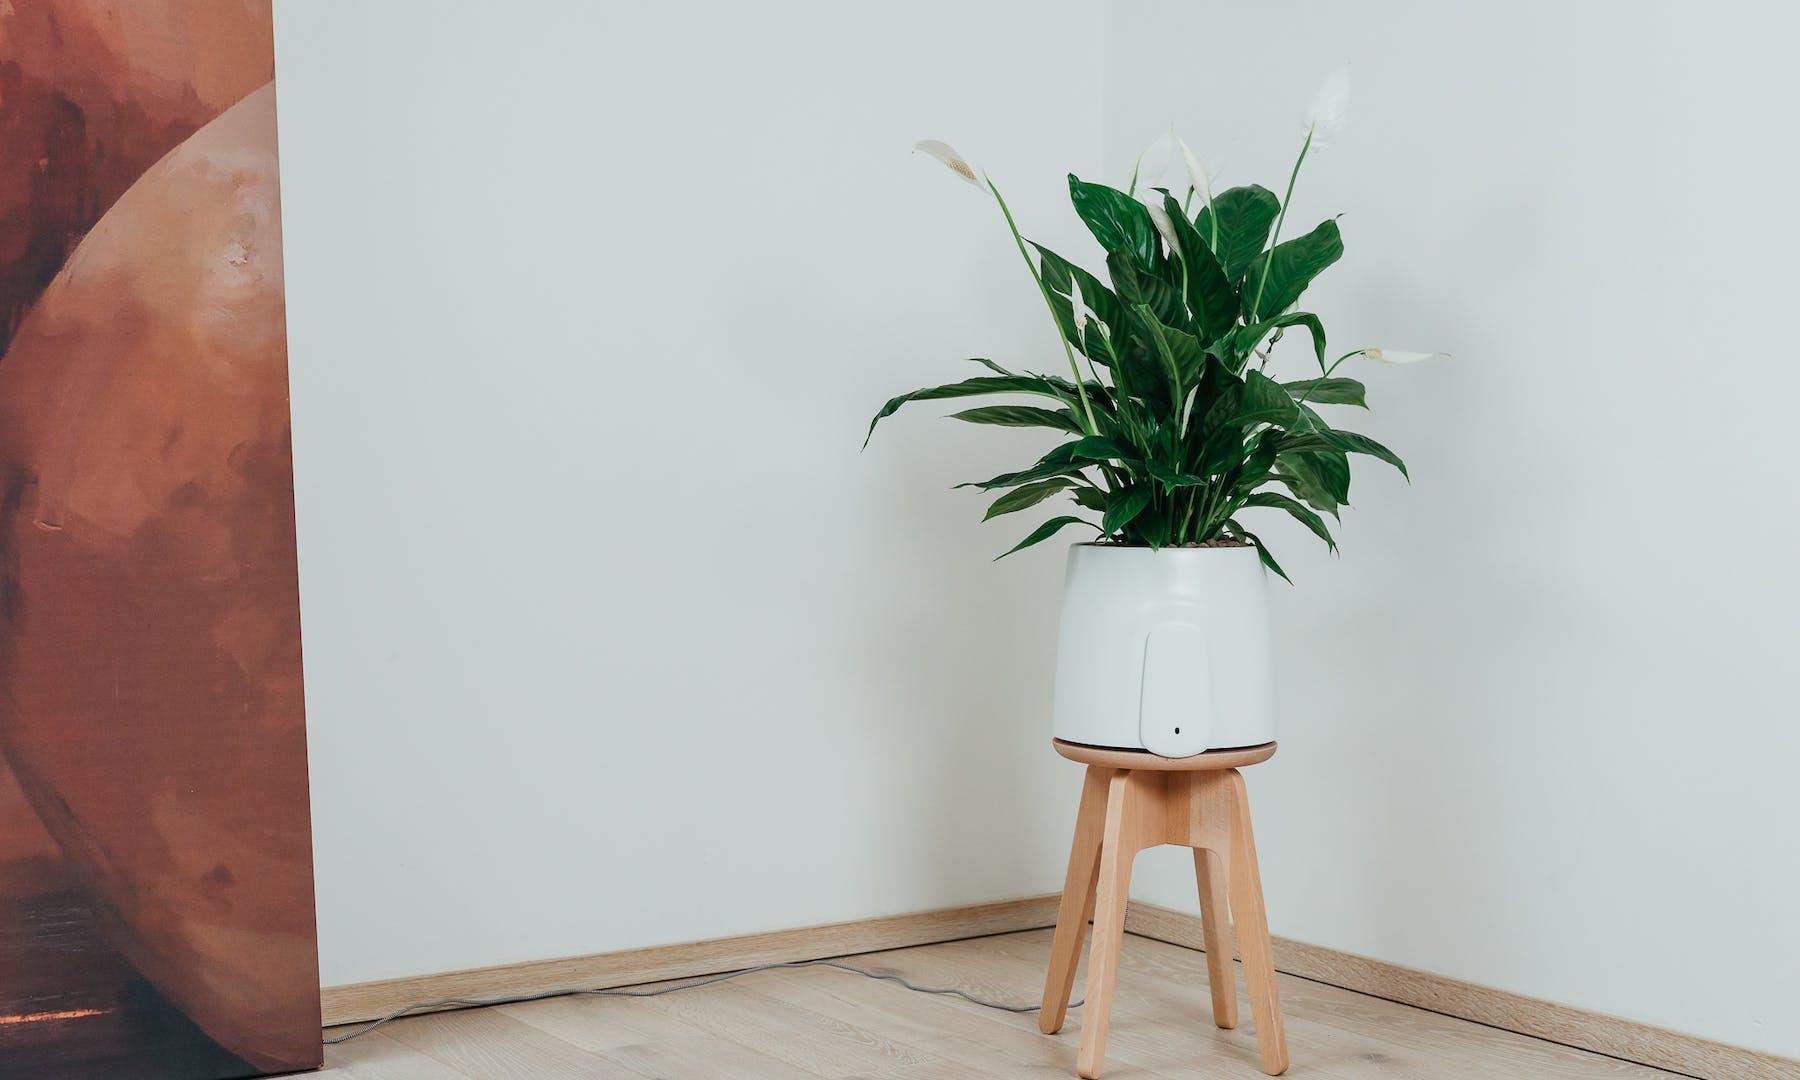 Natede può migliorare la qualità della mia aria?